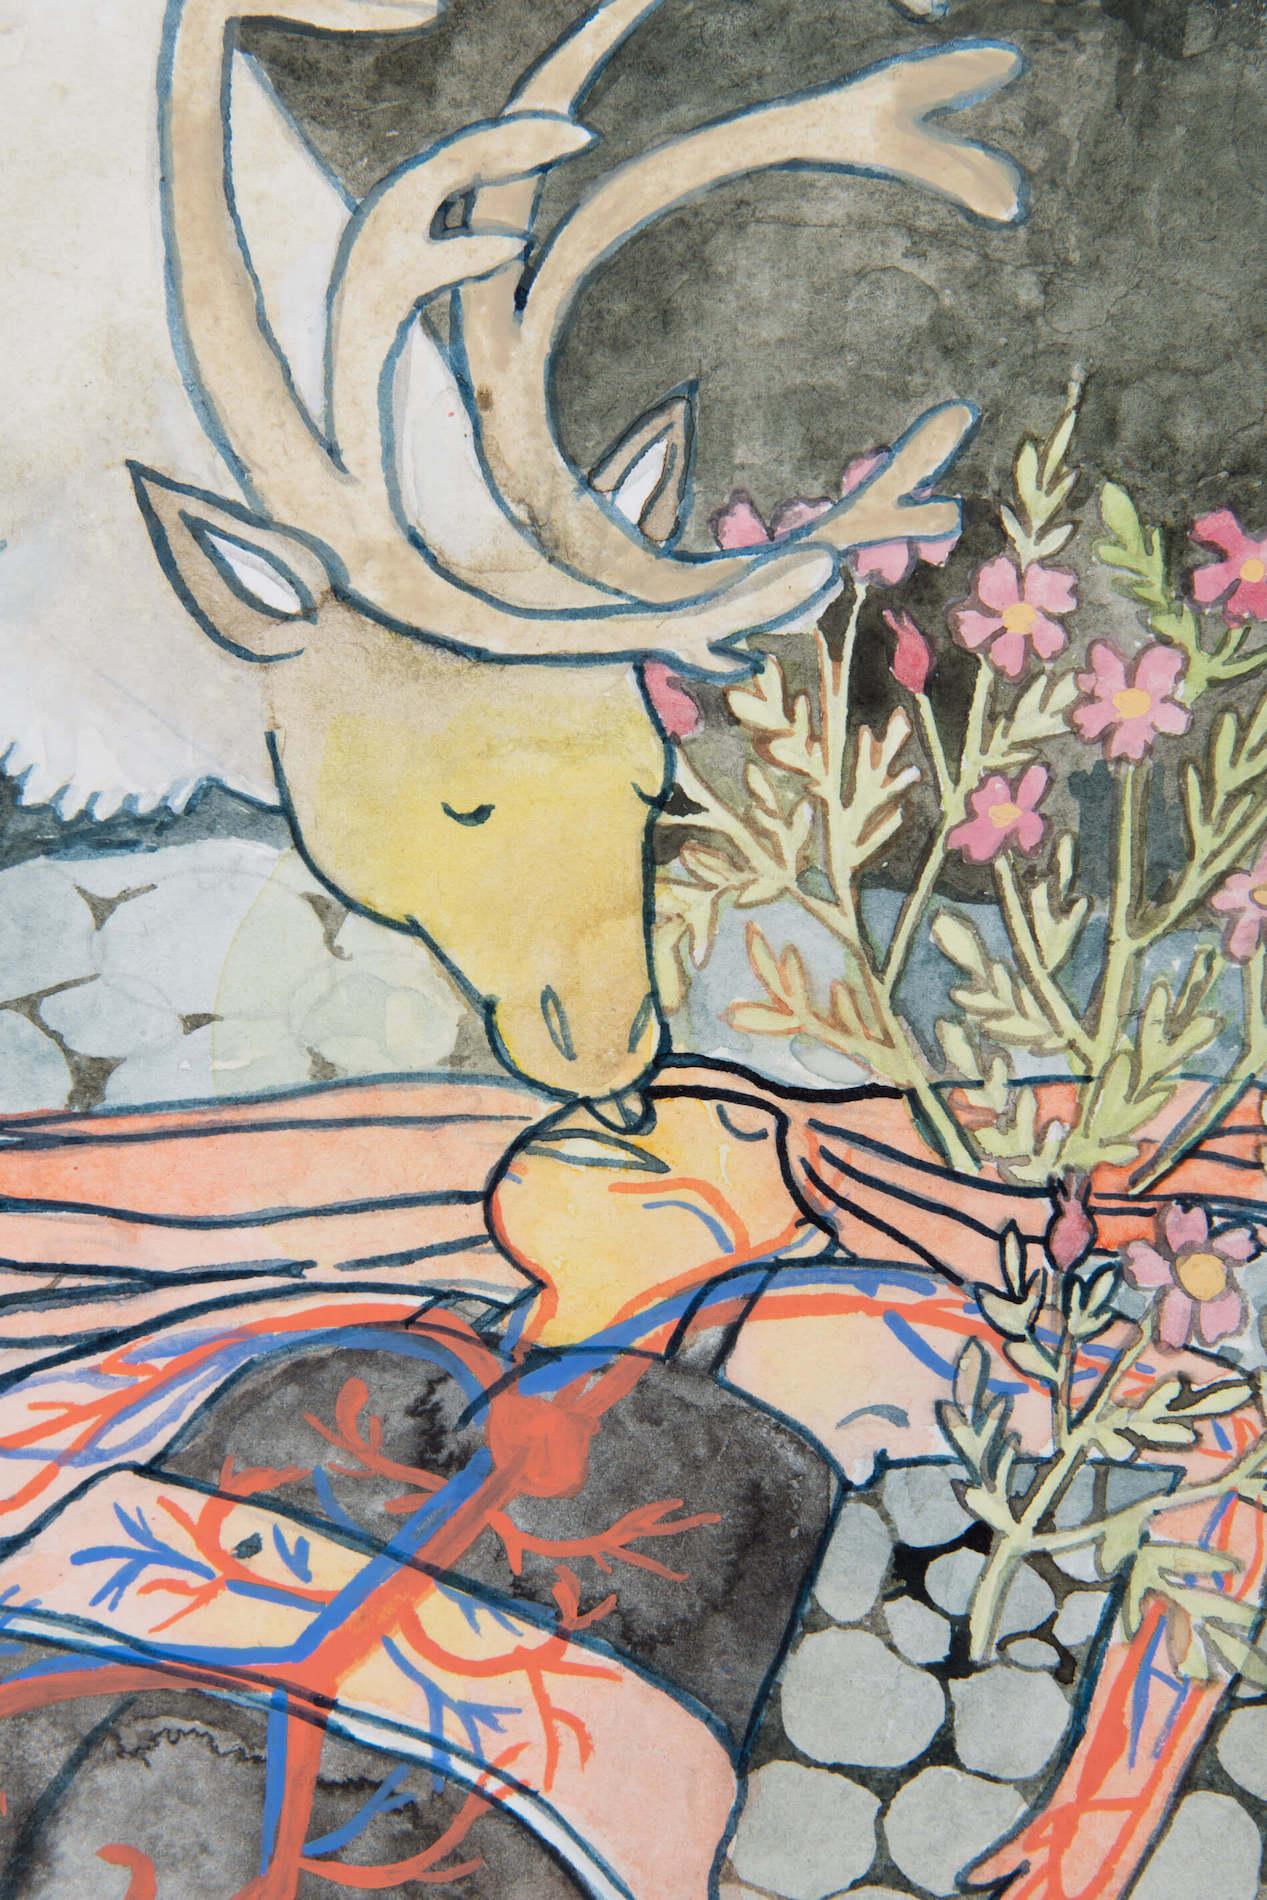 Kimberly Edgar - Trying to Help Yukon Artist